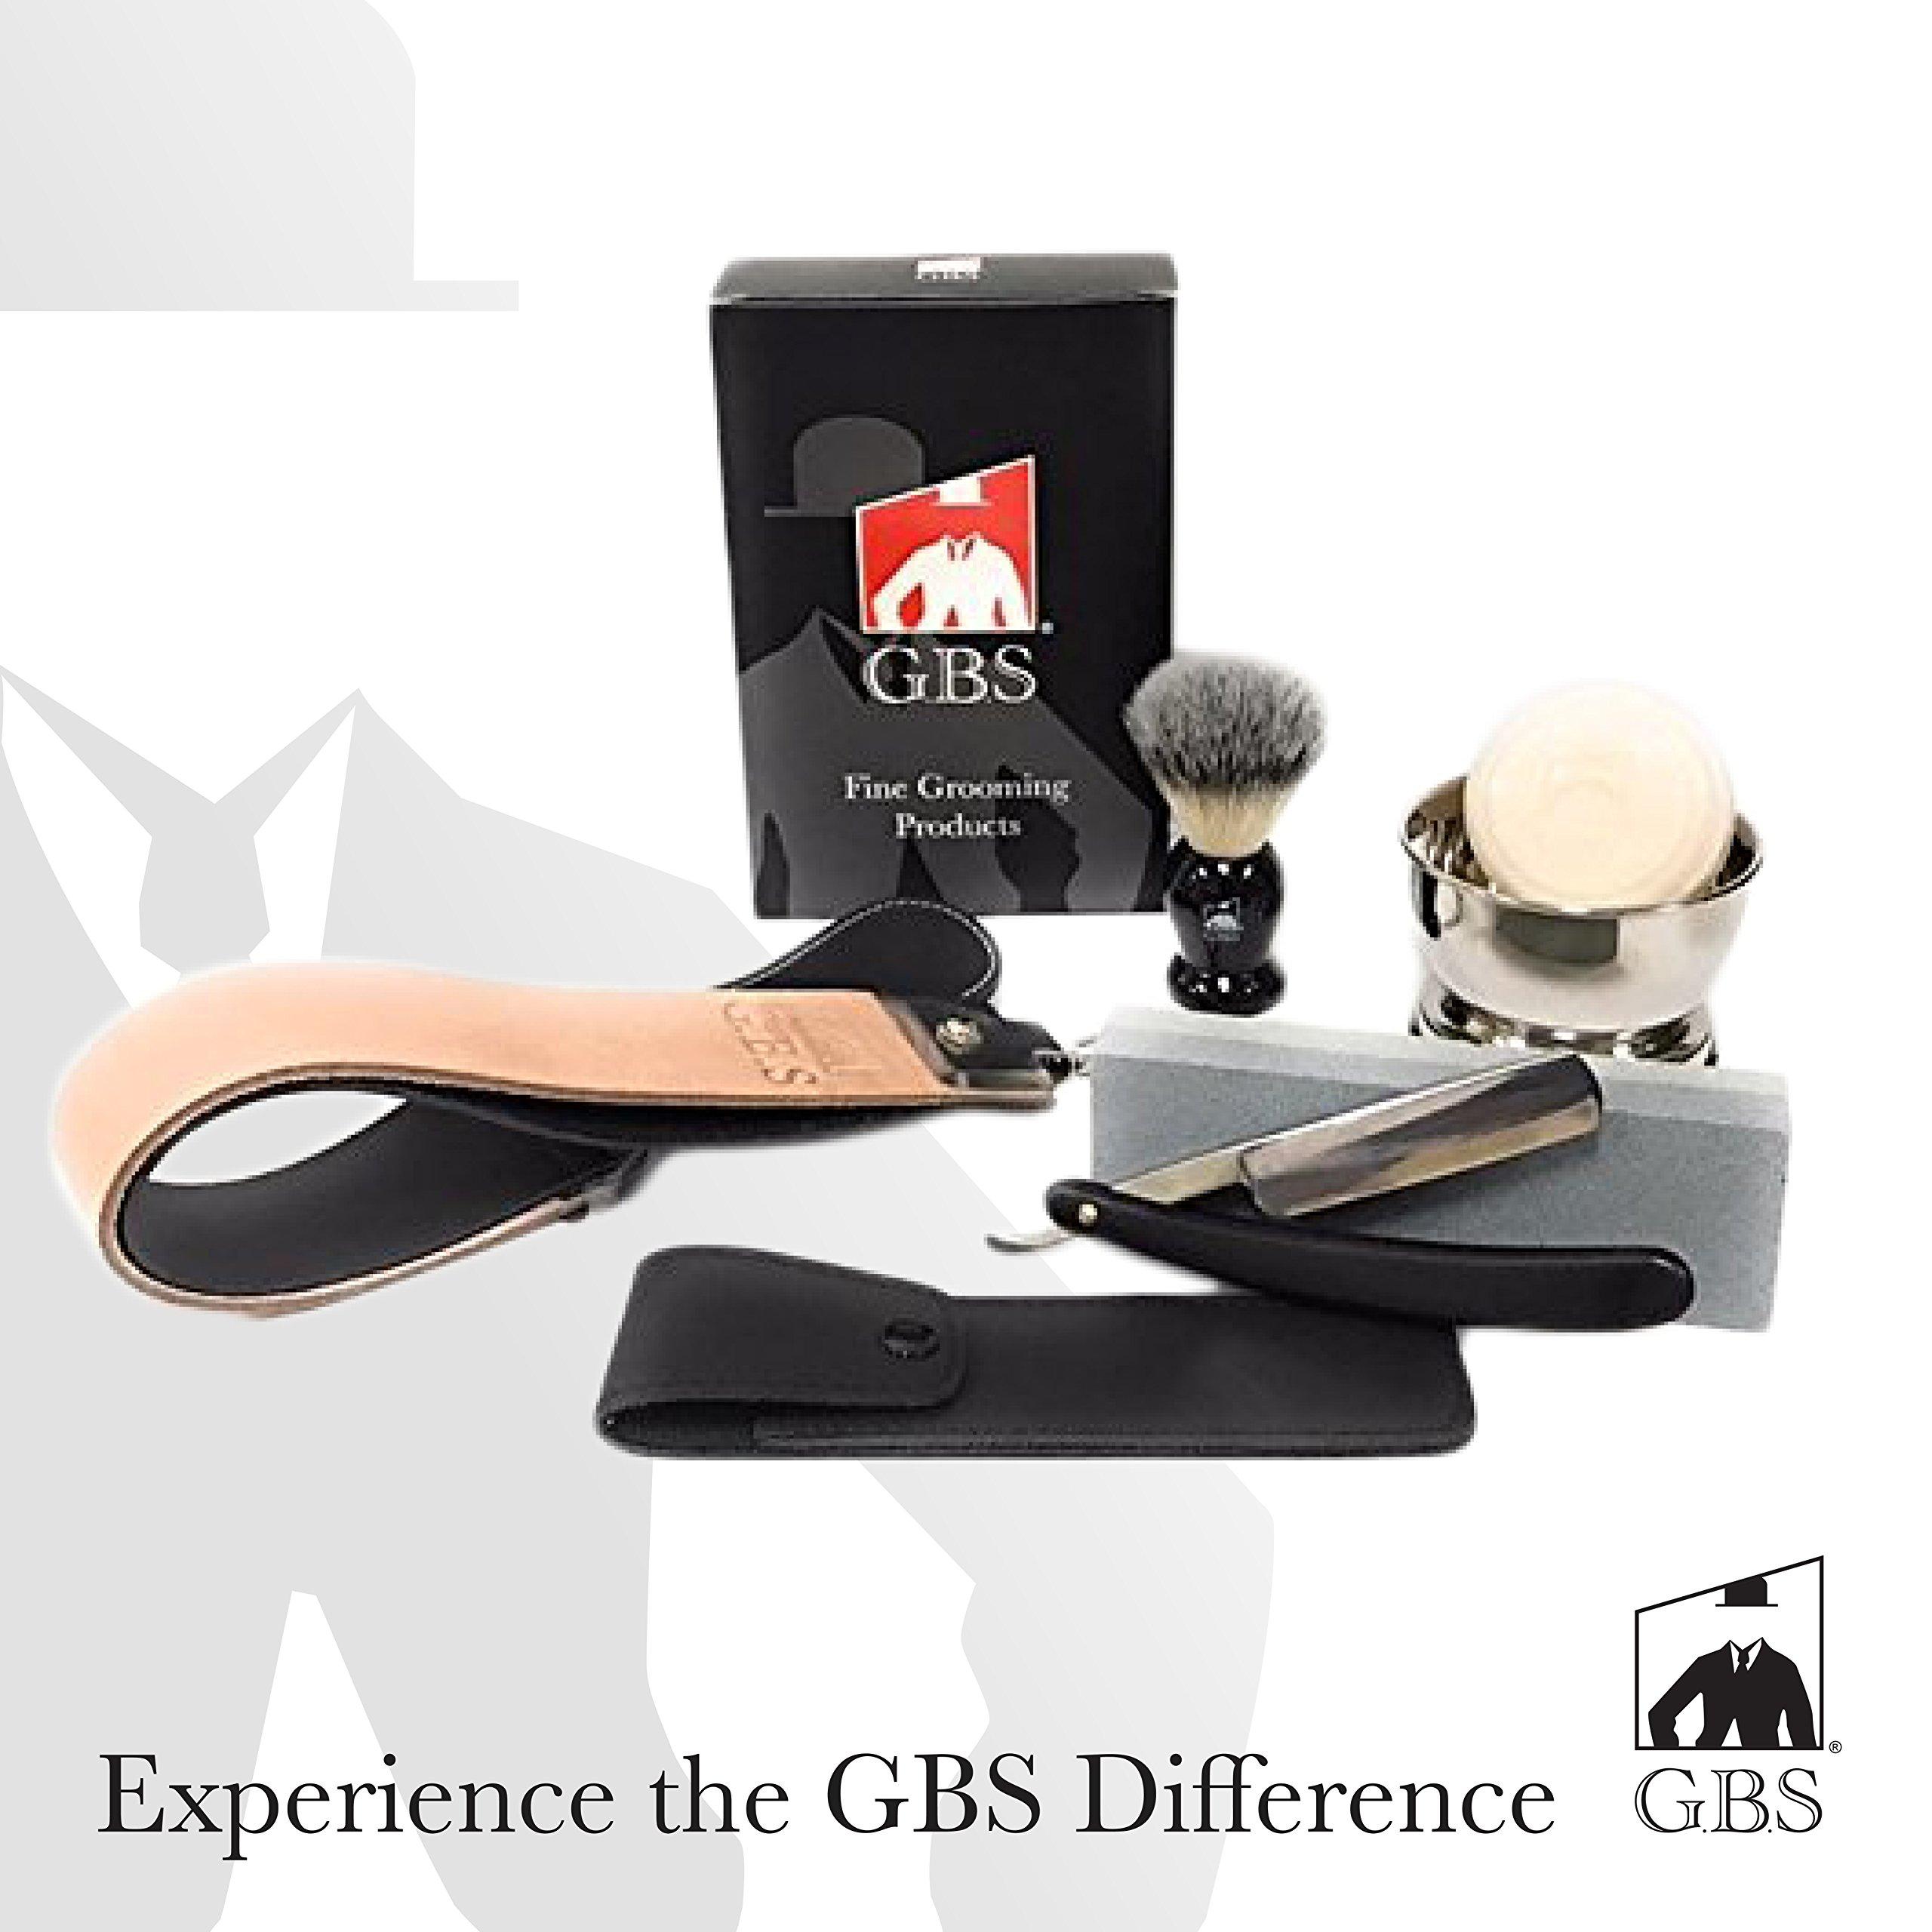 GBS Straight Razor Shaving and Beard Grooming set/Kit - Honing/Sharpening Stone, 2'' Leather Strop, Shaving Bowl & Soap, Badger Shaving Brush, Wood Straight Razor + Travel Case For Best Wet Shave